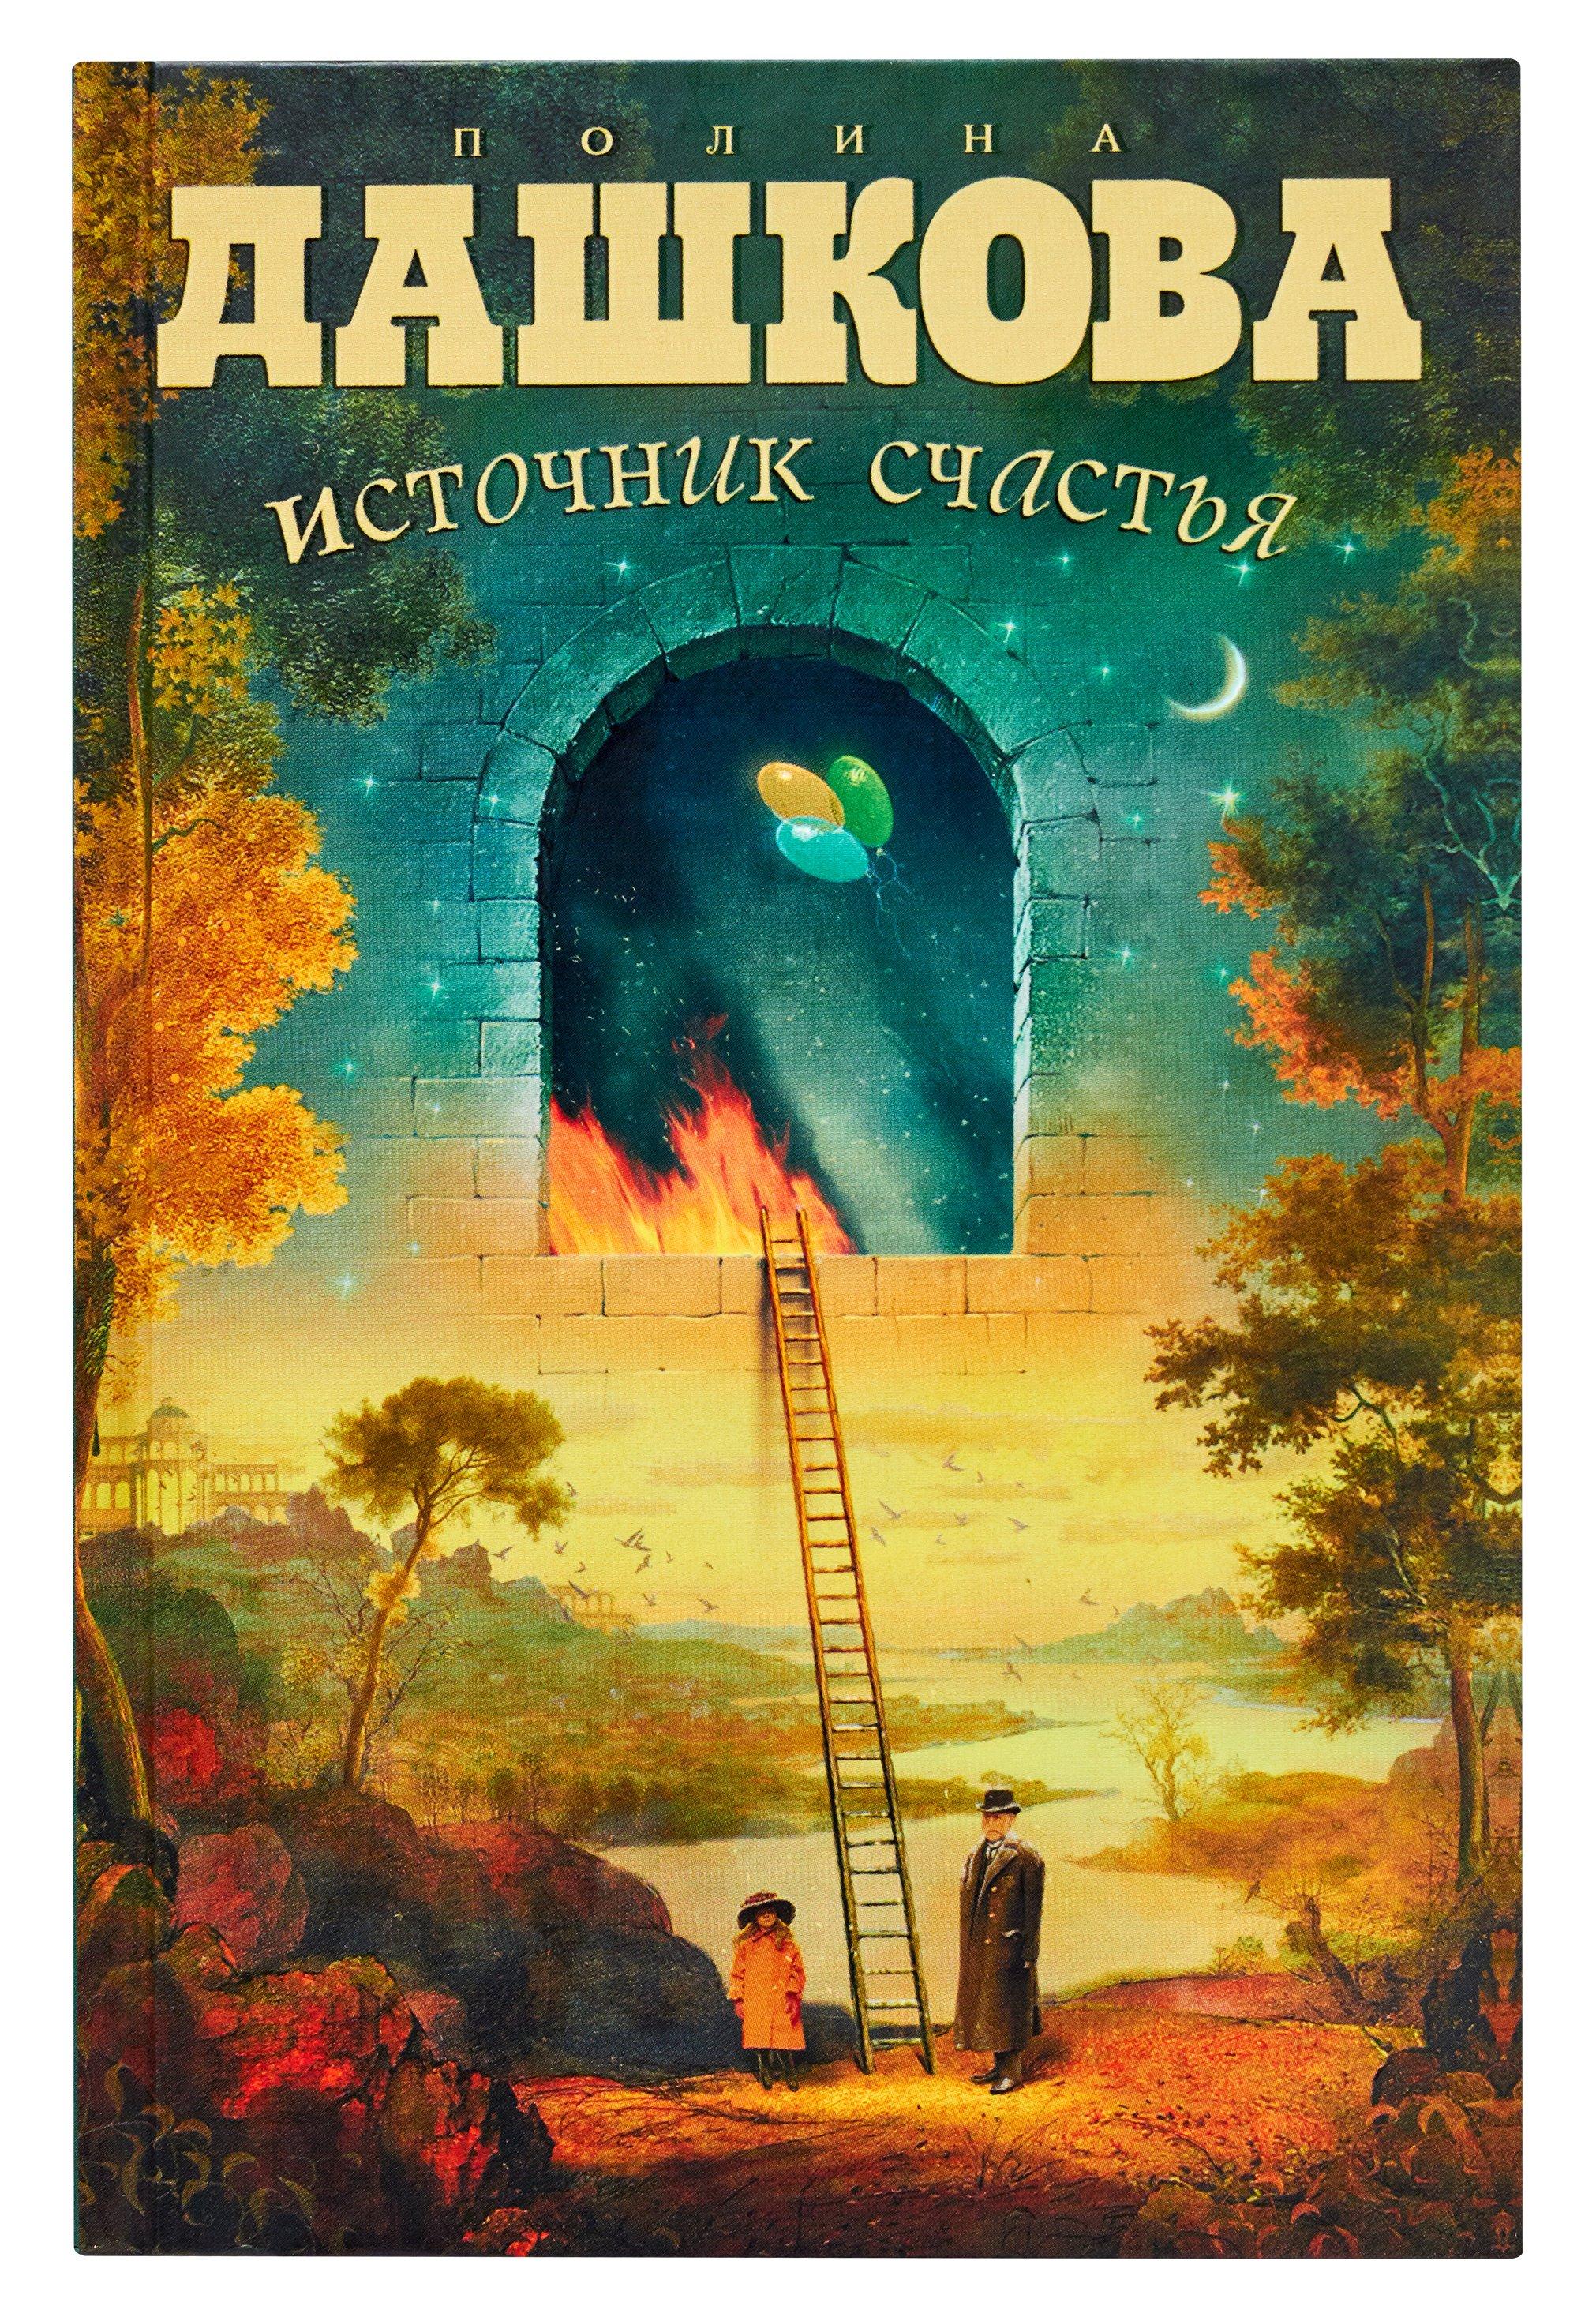 Дашкова Полина Викторовна Источник счастья. Кн. 1 дашкова полина викторовна чувство реальности т1